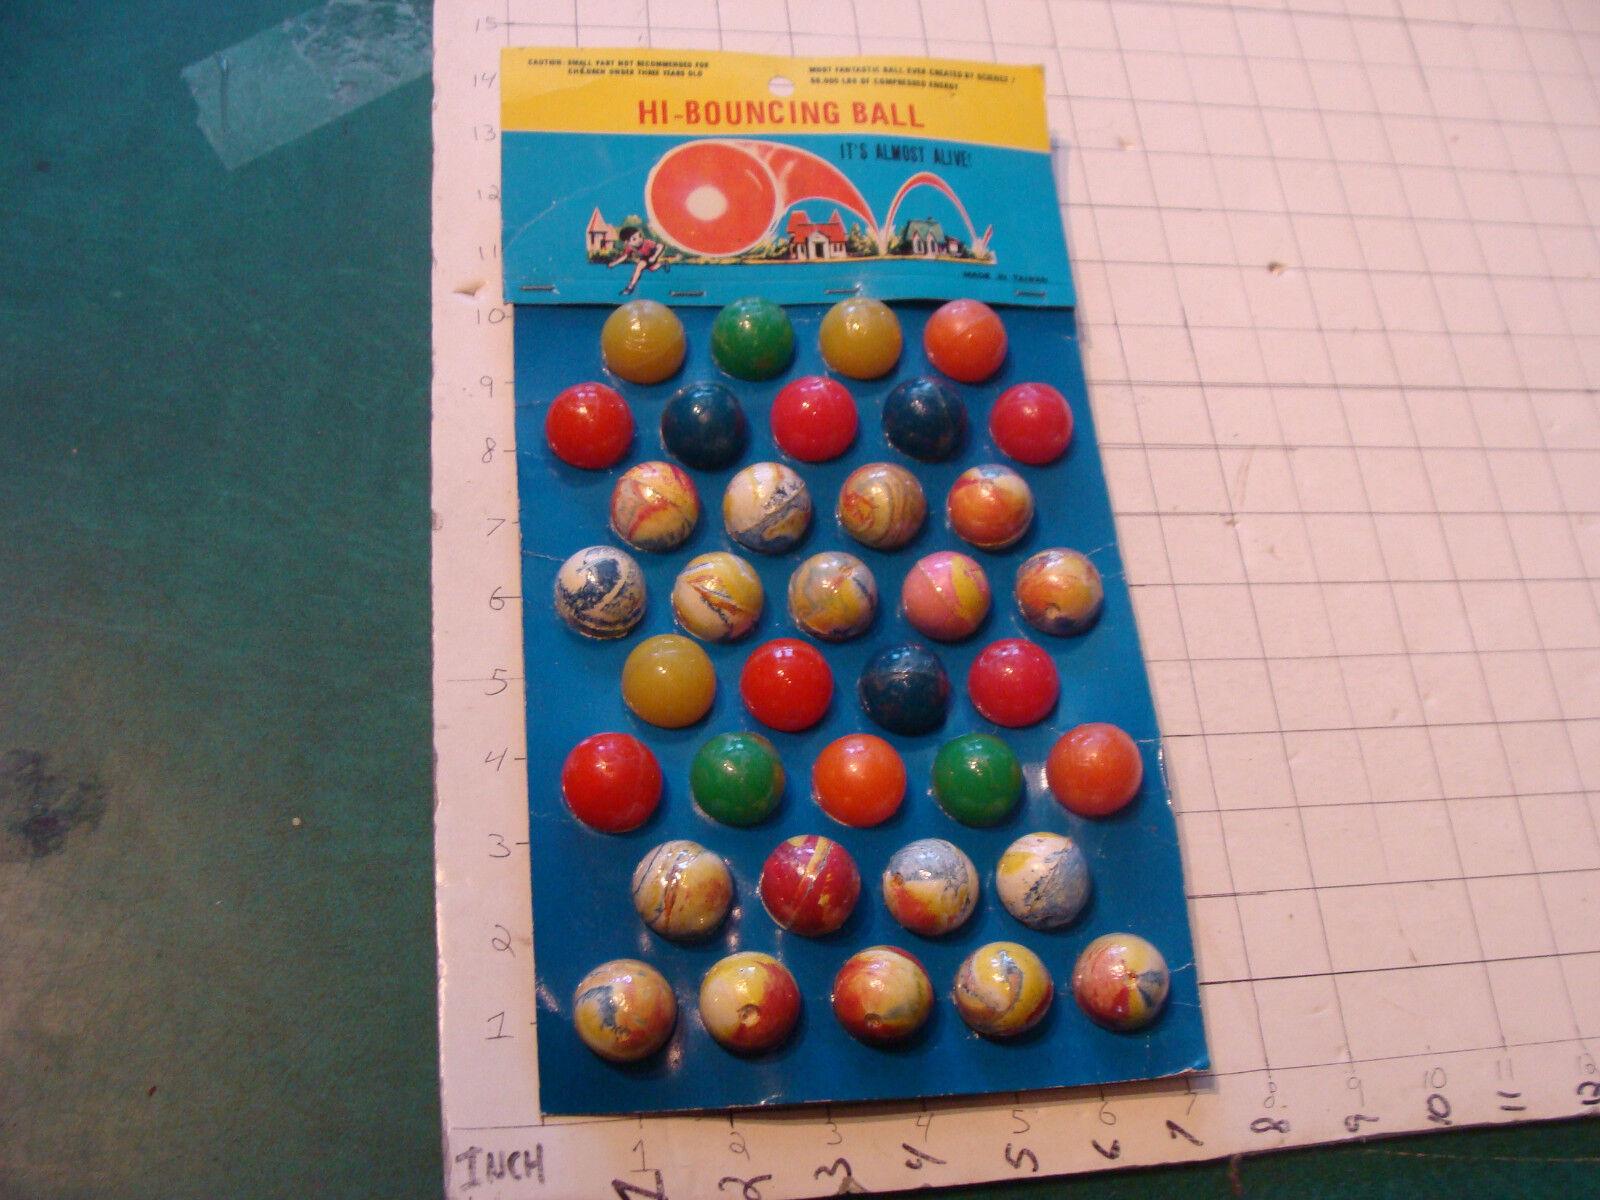 Vintage 36 bolas de alta rebote de 36 W tarjeta década de 1980 de Taiwán, muy cool pantalla 2